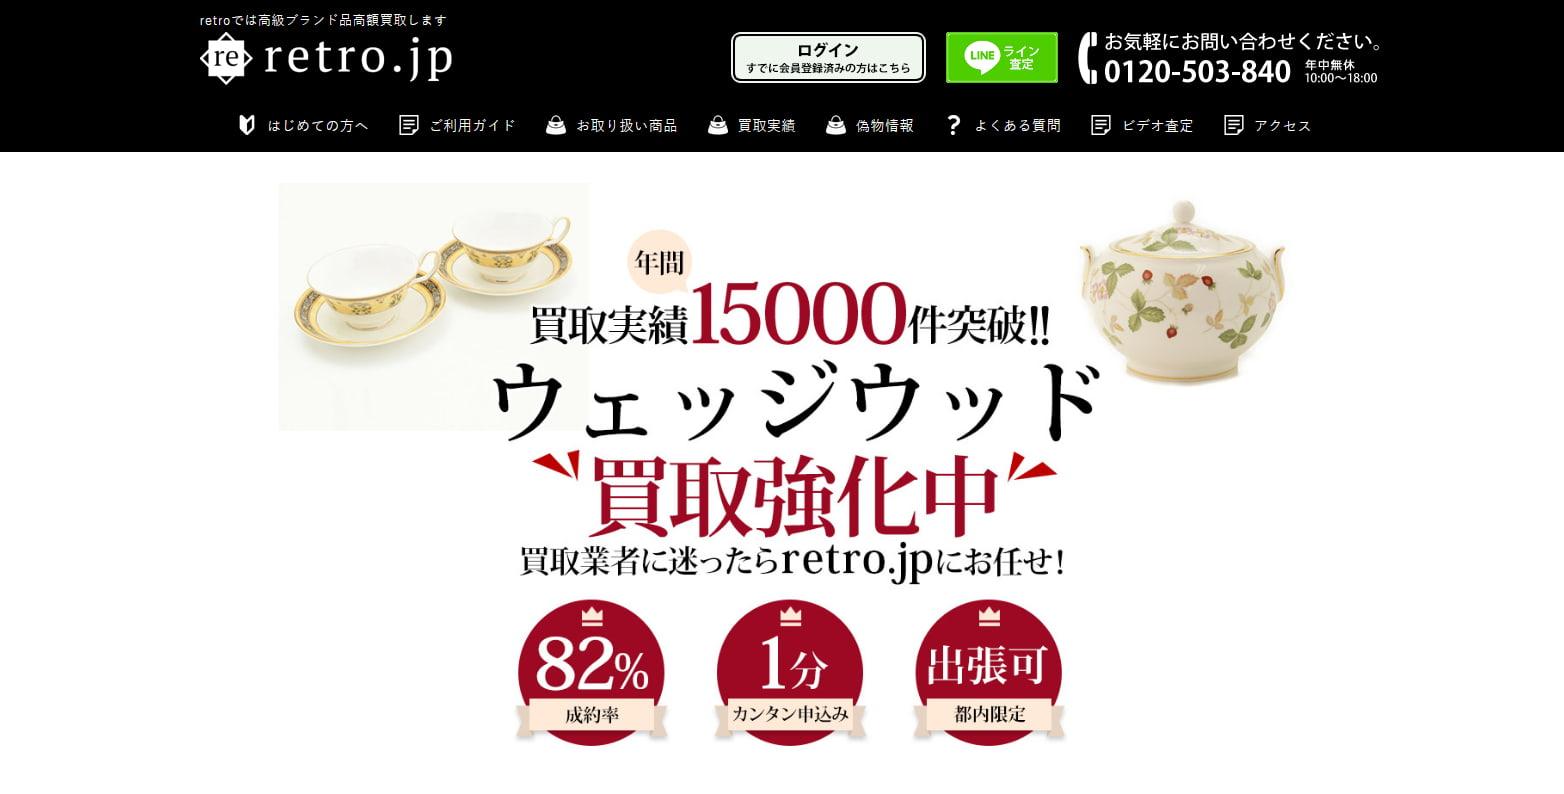 ウェッジウッド買取おすすめ店retro.jp